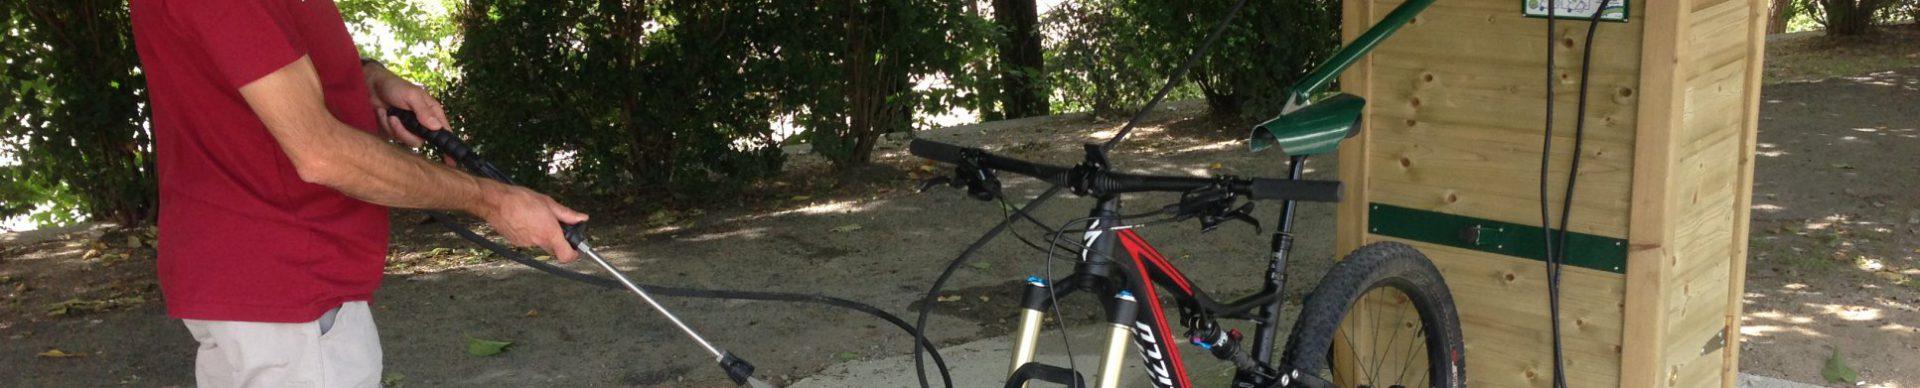 station vélo VTT de Digne-les-Bains